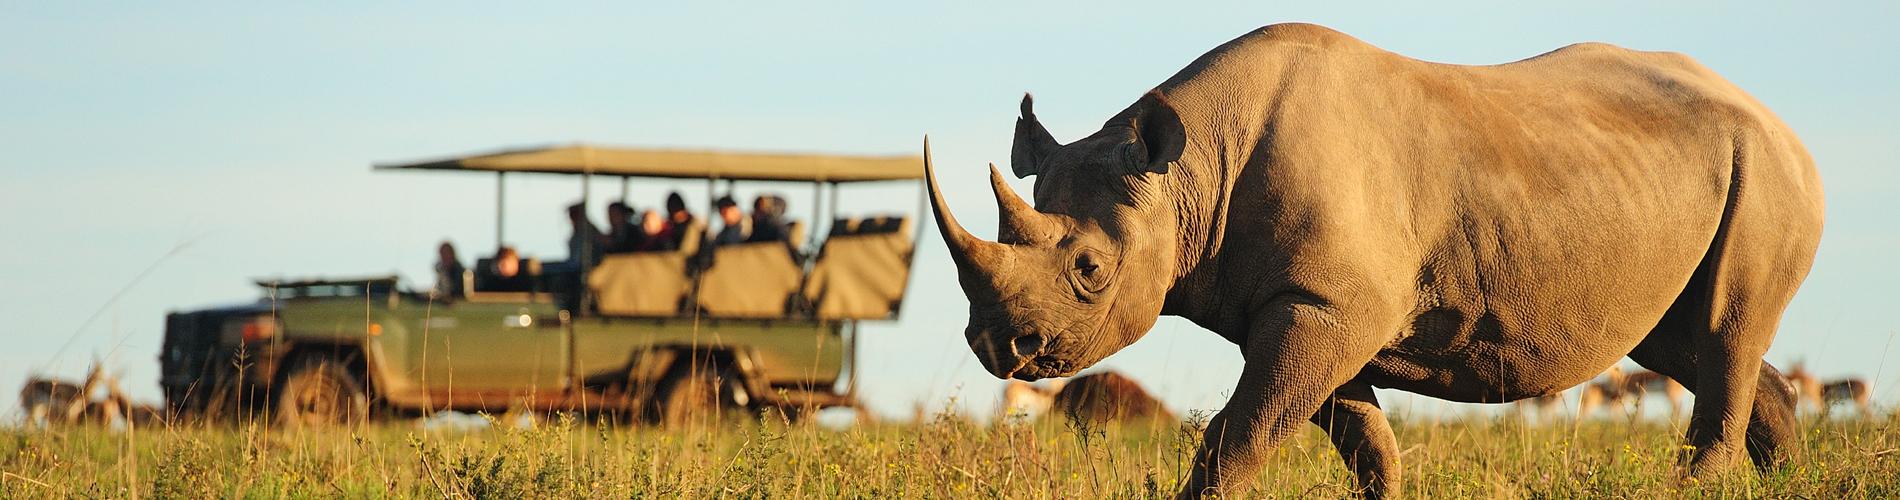 shamwari rhino reszied website